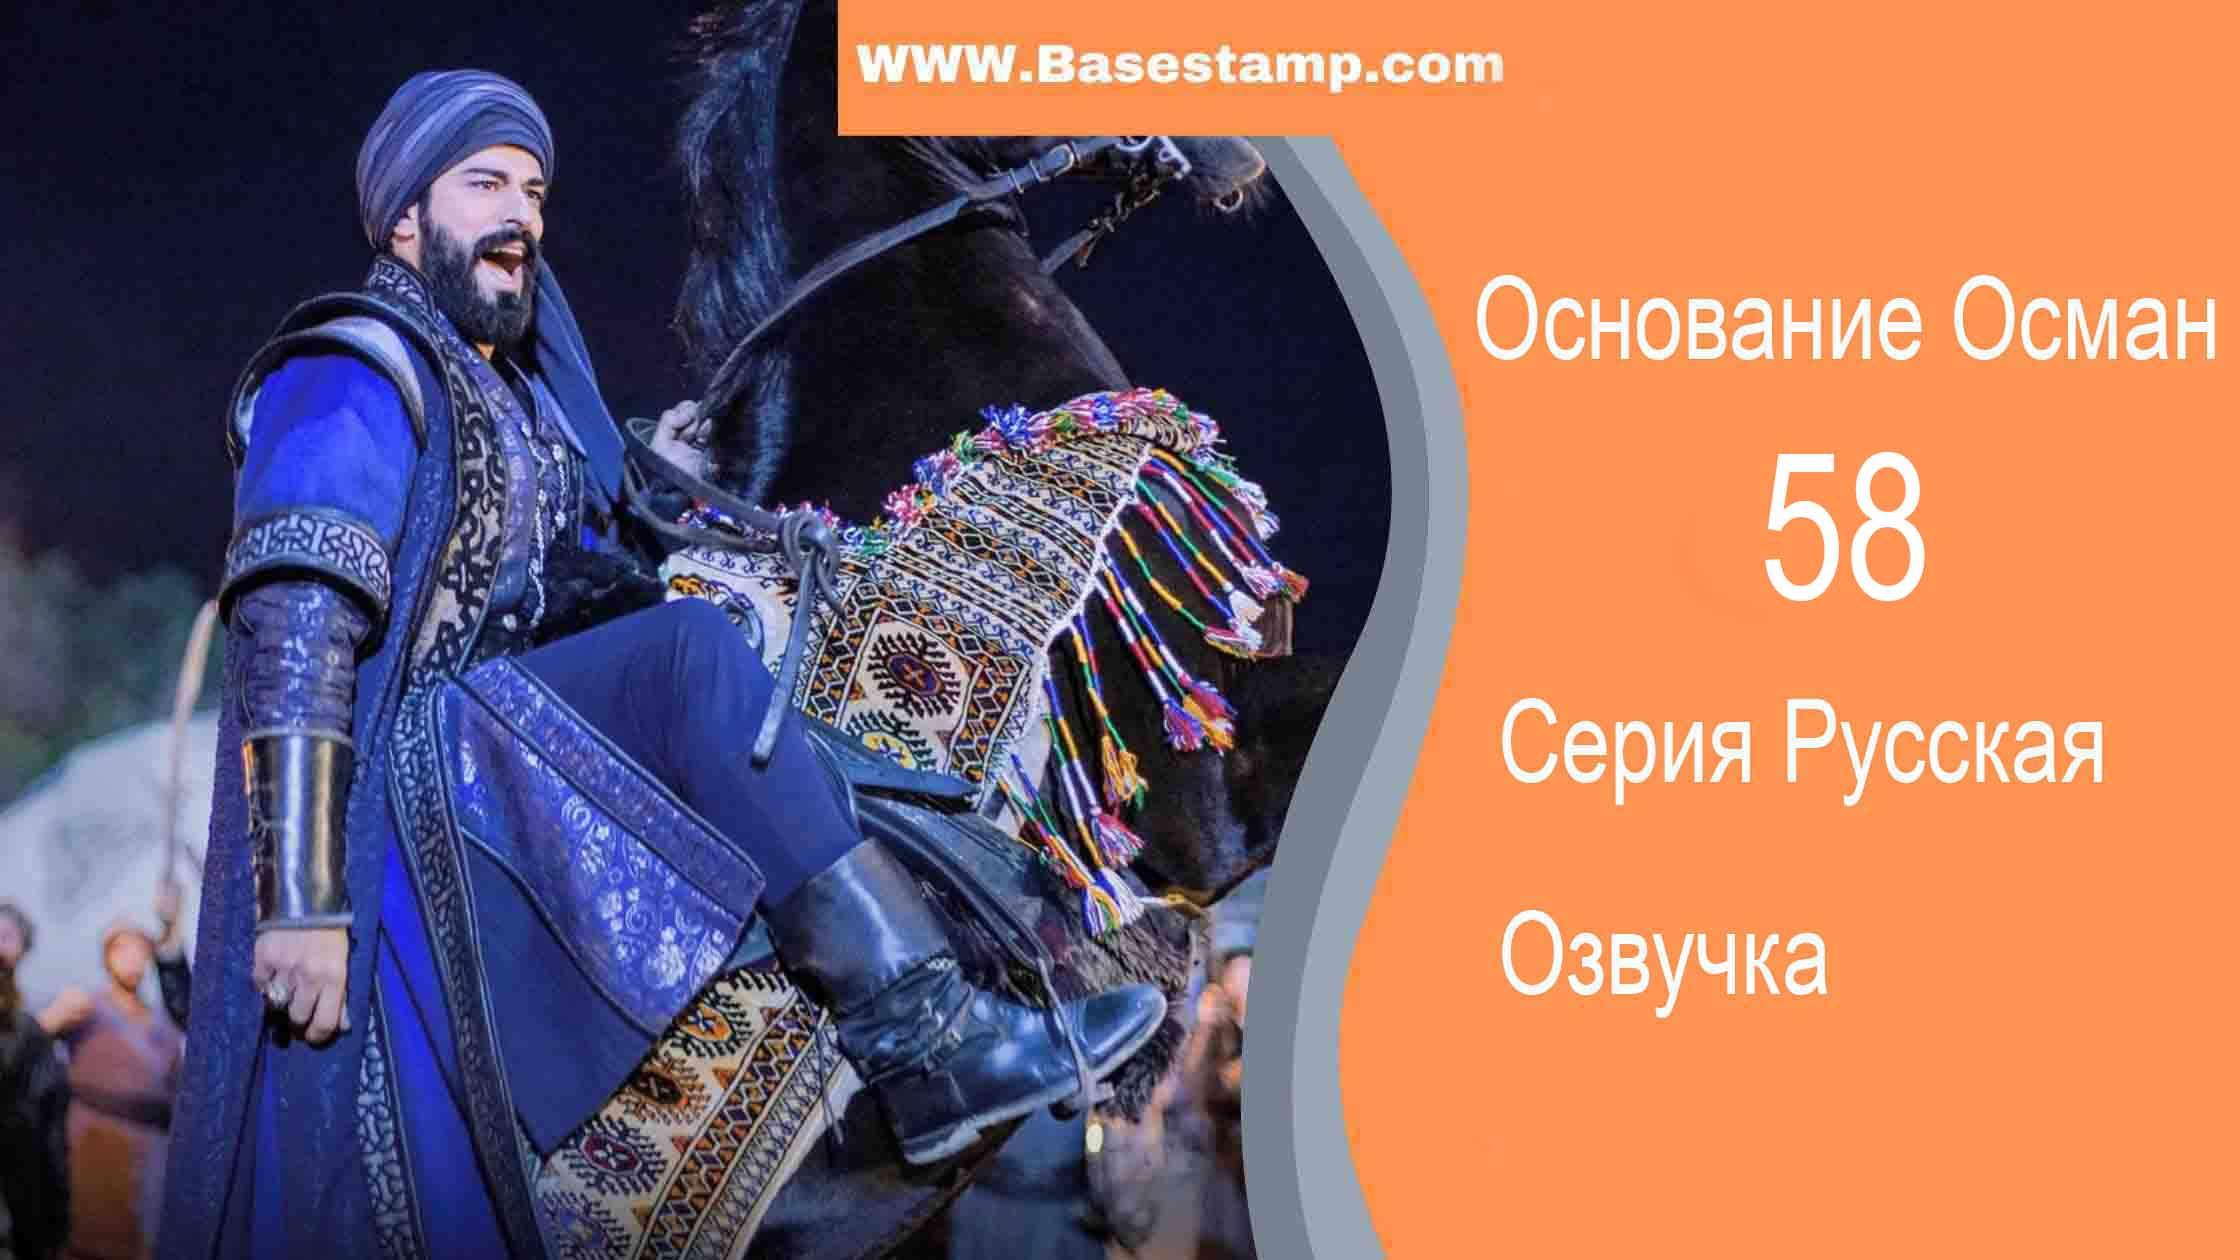 ▷❤️Основание Осман 58 Серия Русская Озвучка ок